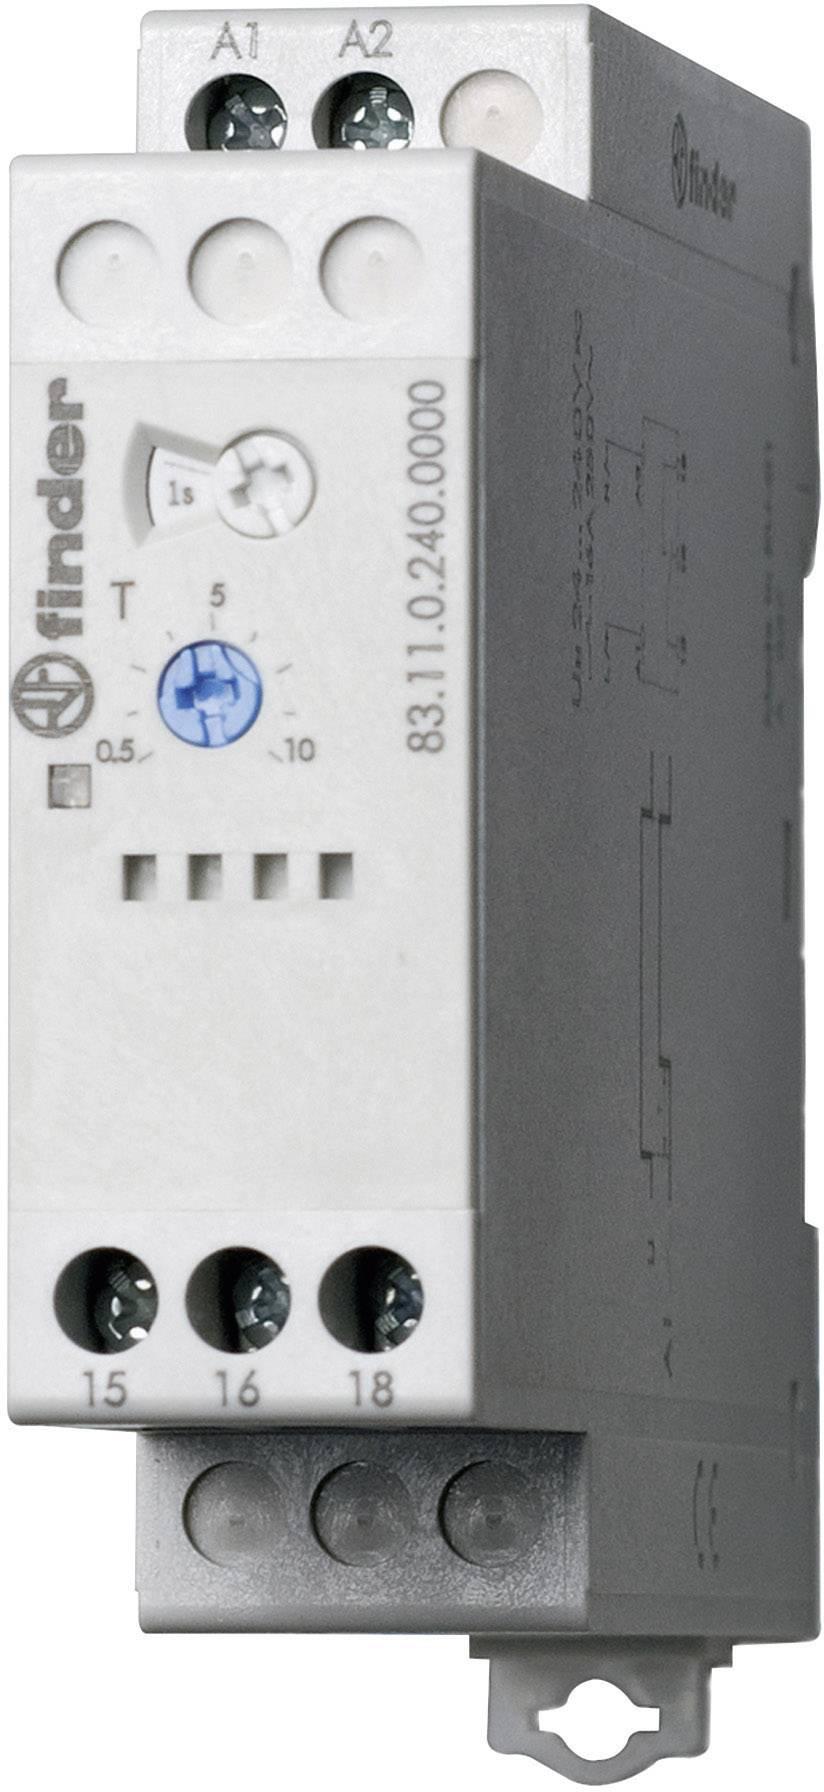 Průmyslové časové relé Finder, 83.11.0.240.0000, 16 A, 400 V/AC